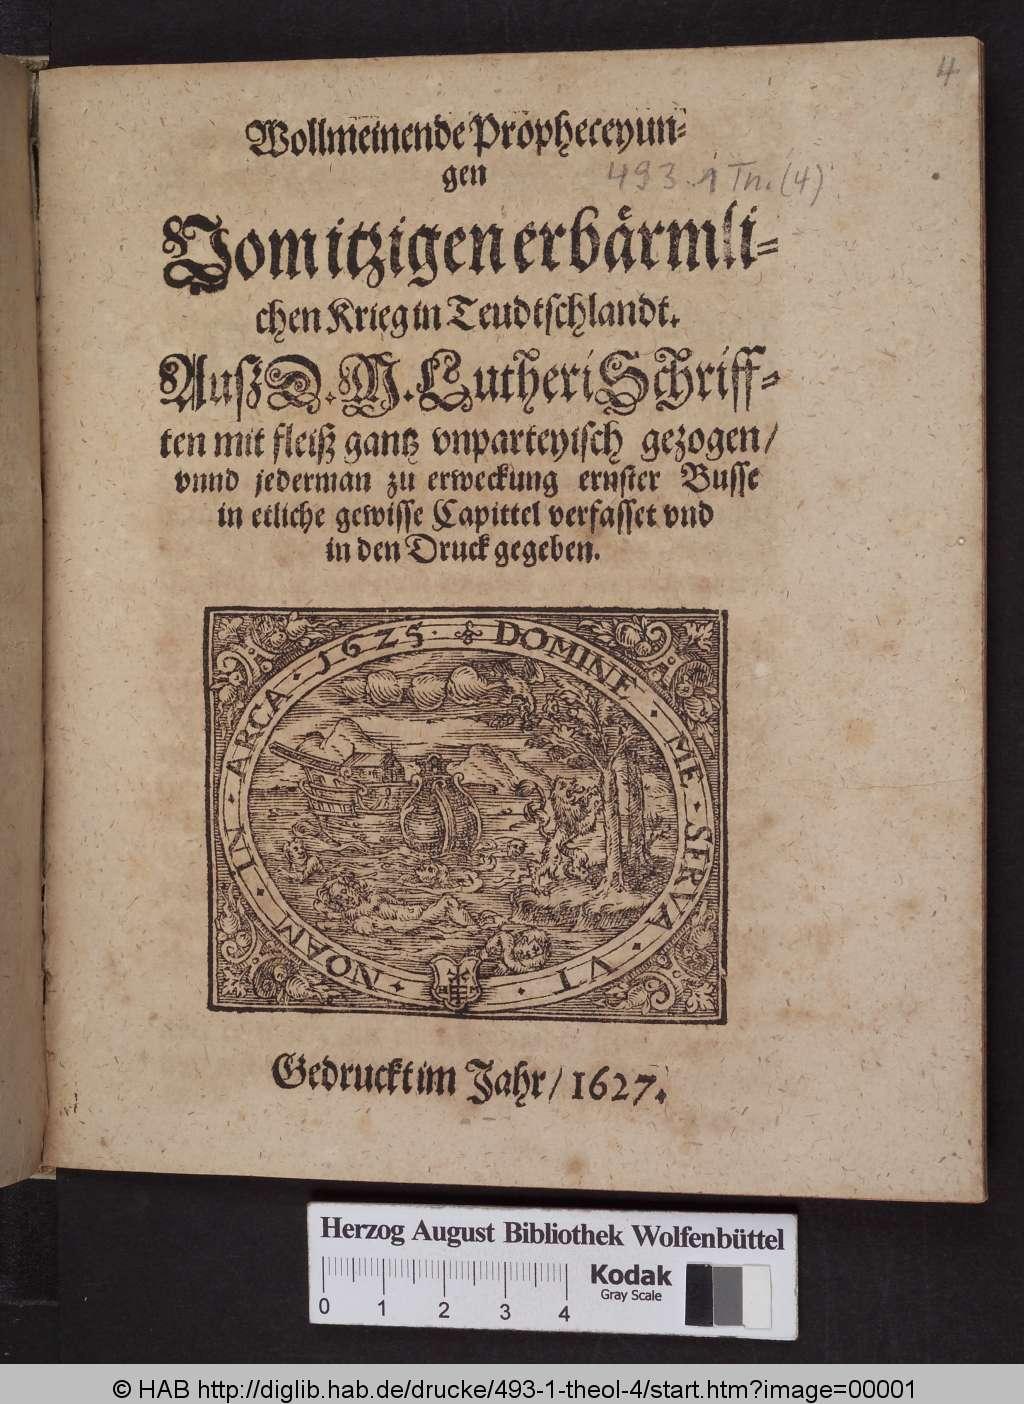 http://diglib.hab.de/drucke/493-1-theol-4/00001.jpg